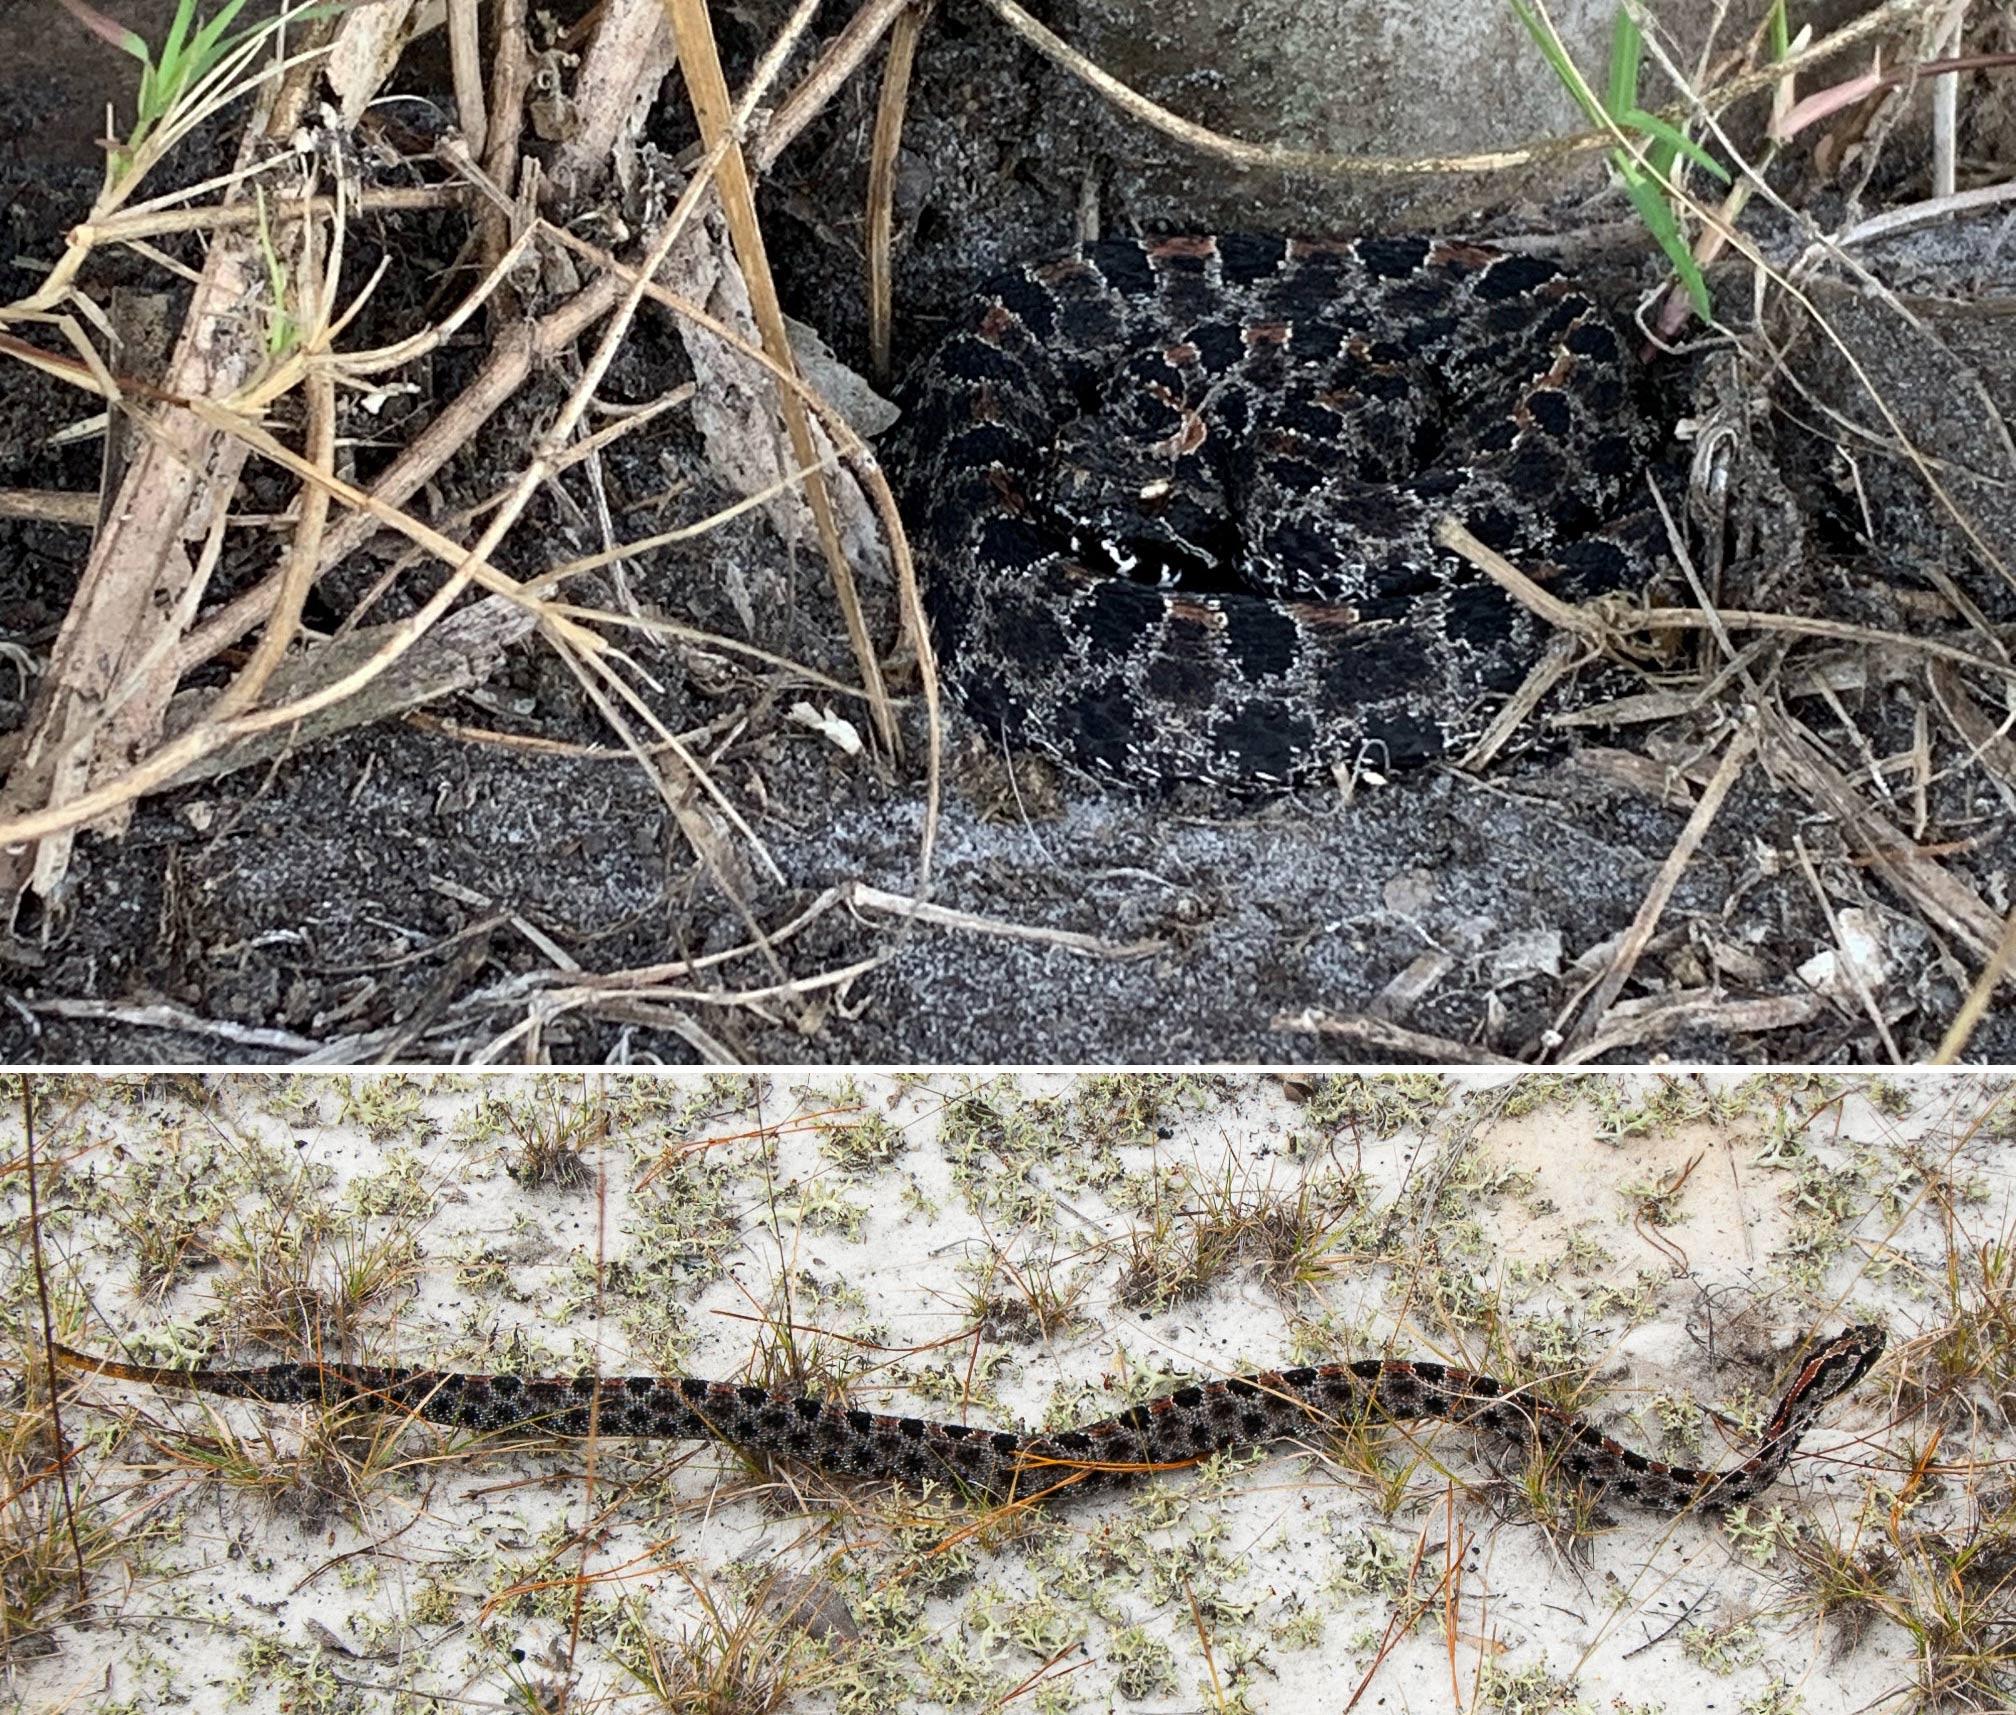 Pygmy rattlesnake slithering on sand